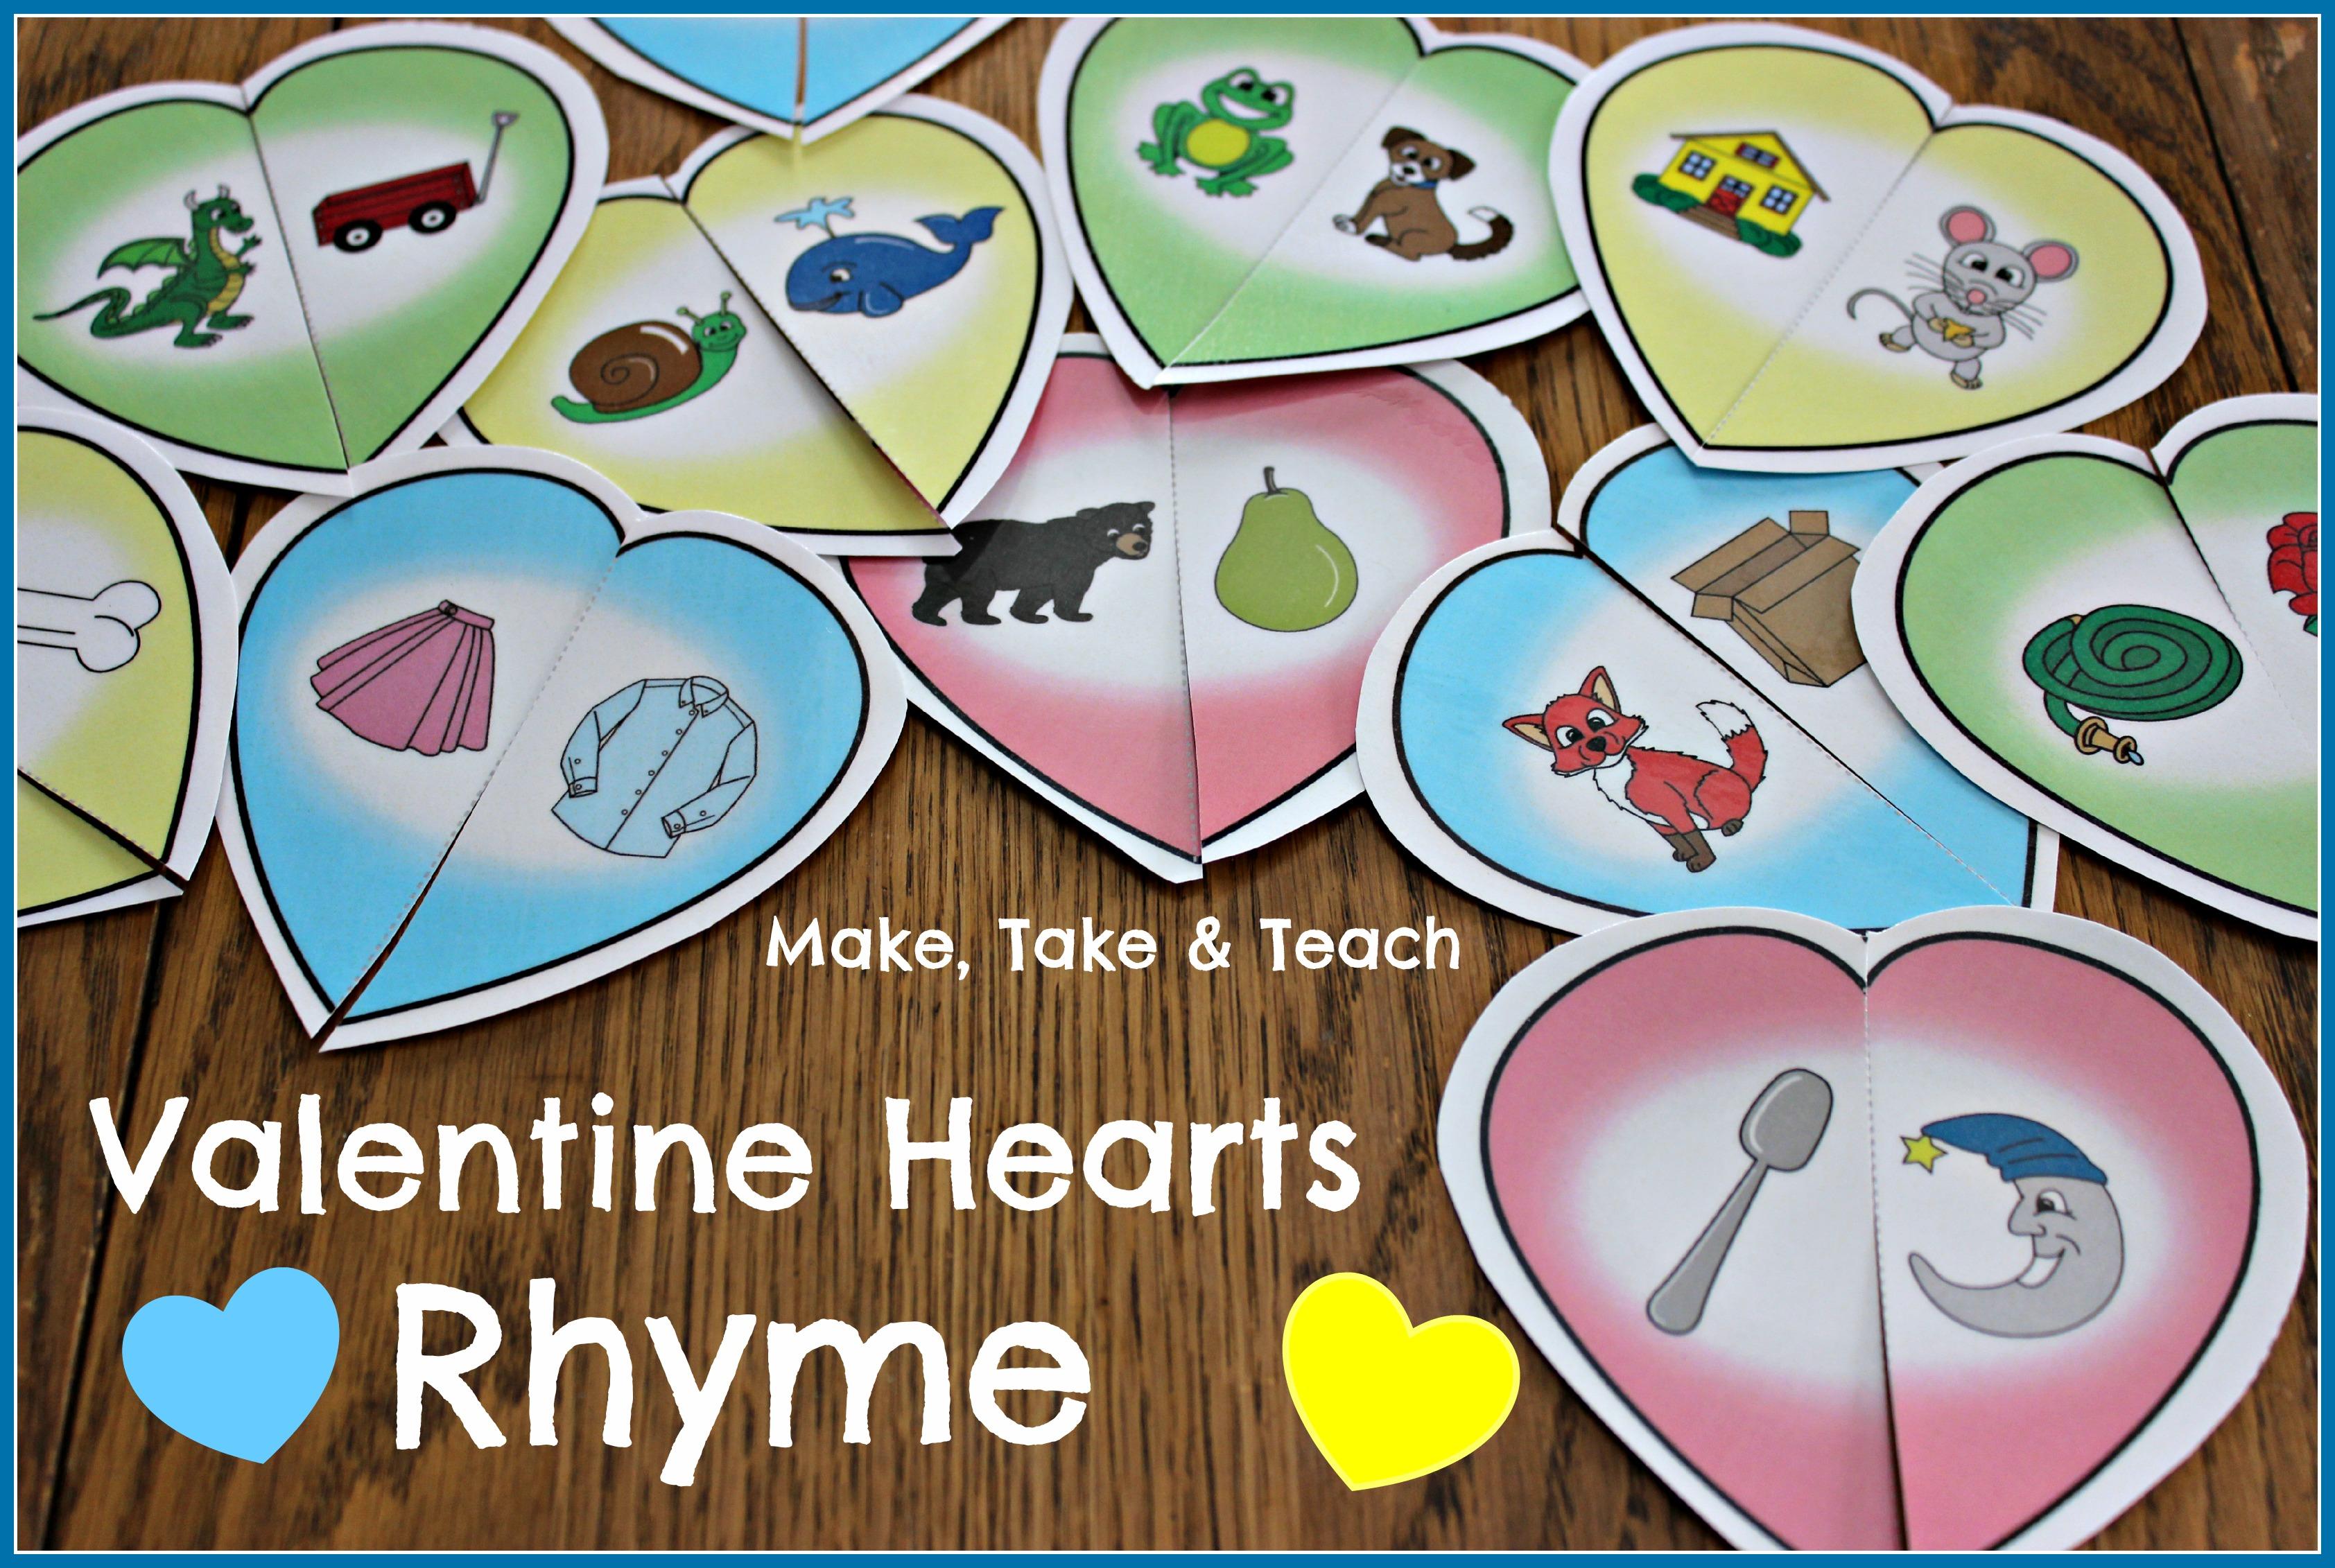 Valentinerhyme